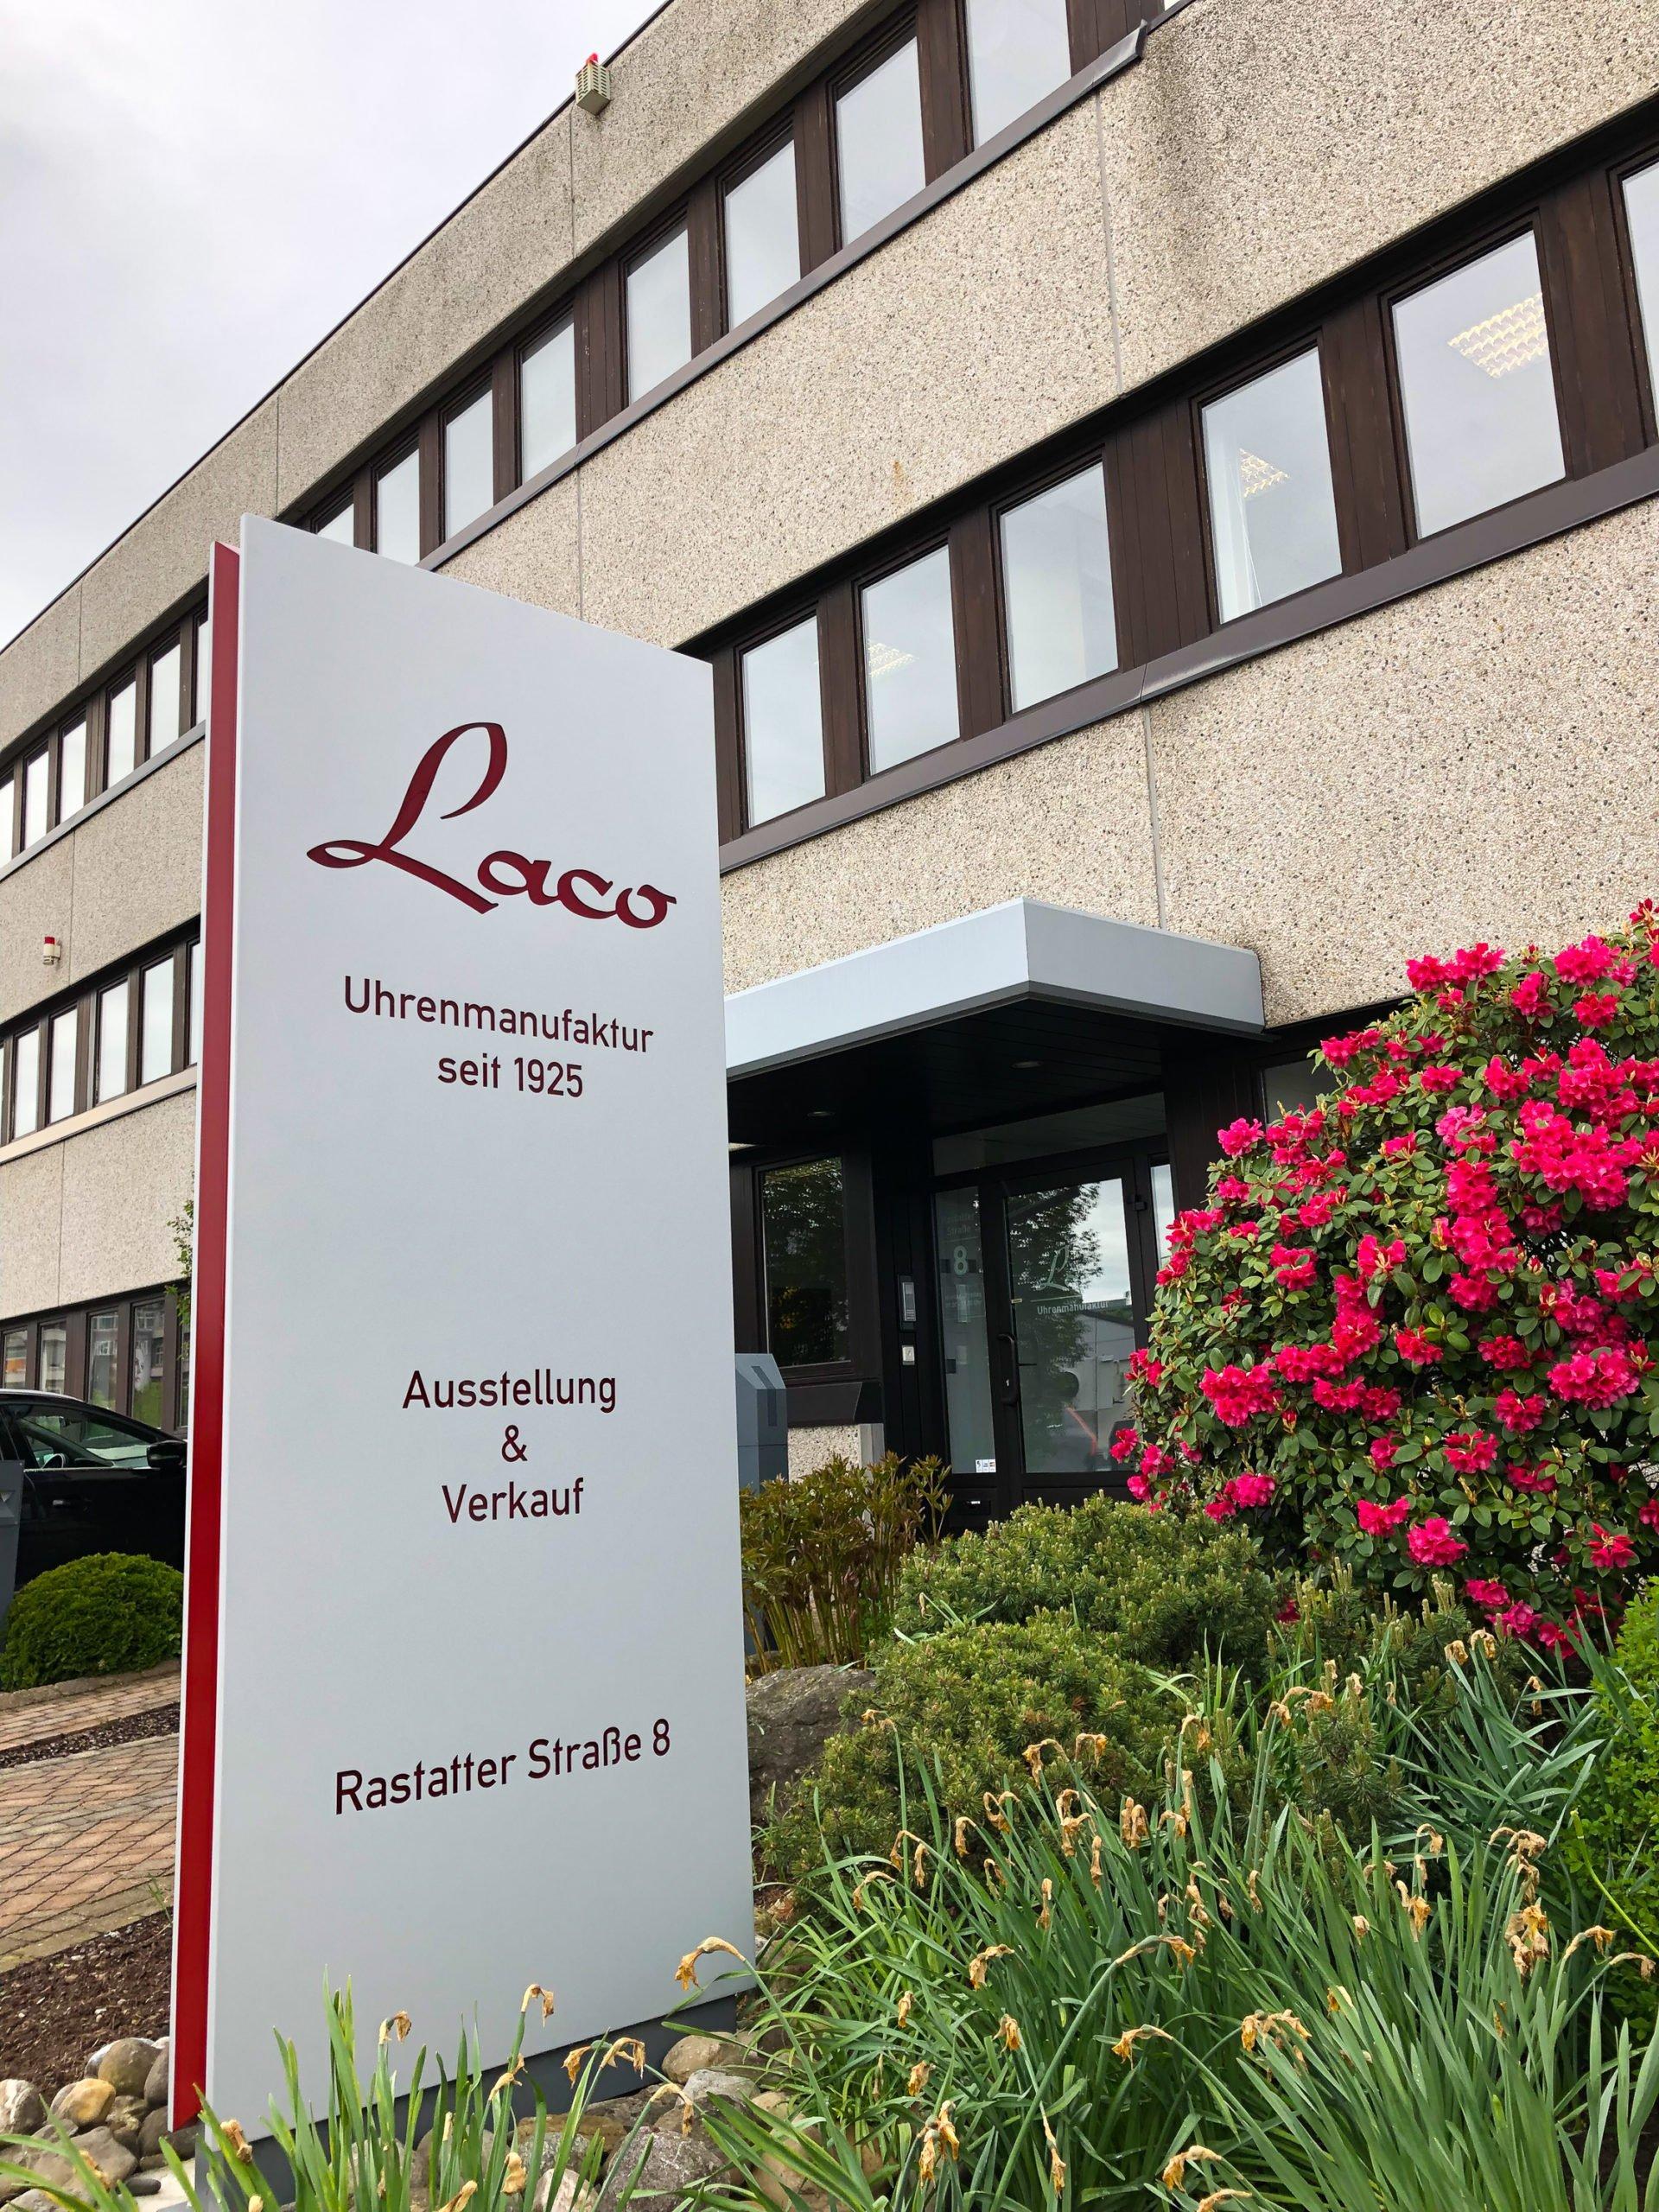 Zu Besuch bei Laco 1925 in Pforzheim: Einblicke in den Alltag und Neuheiten des Uhren-Herstellers